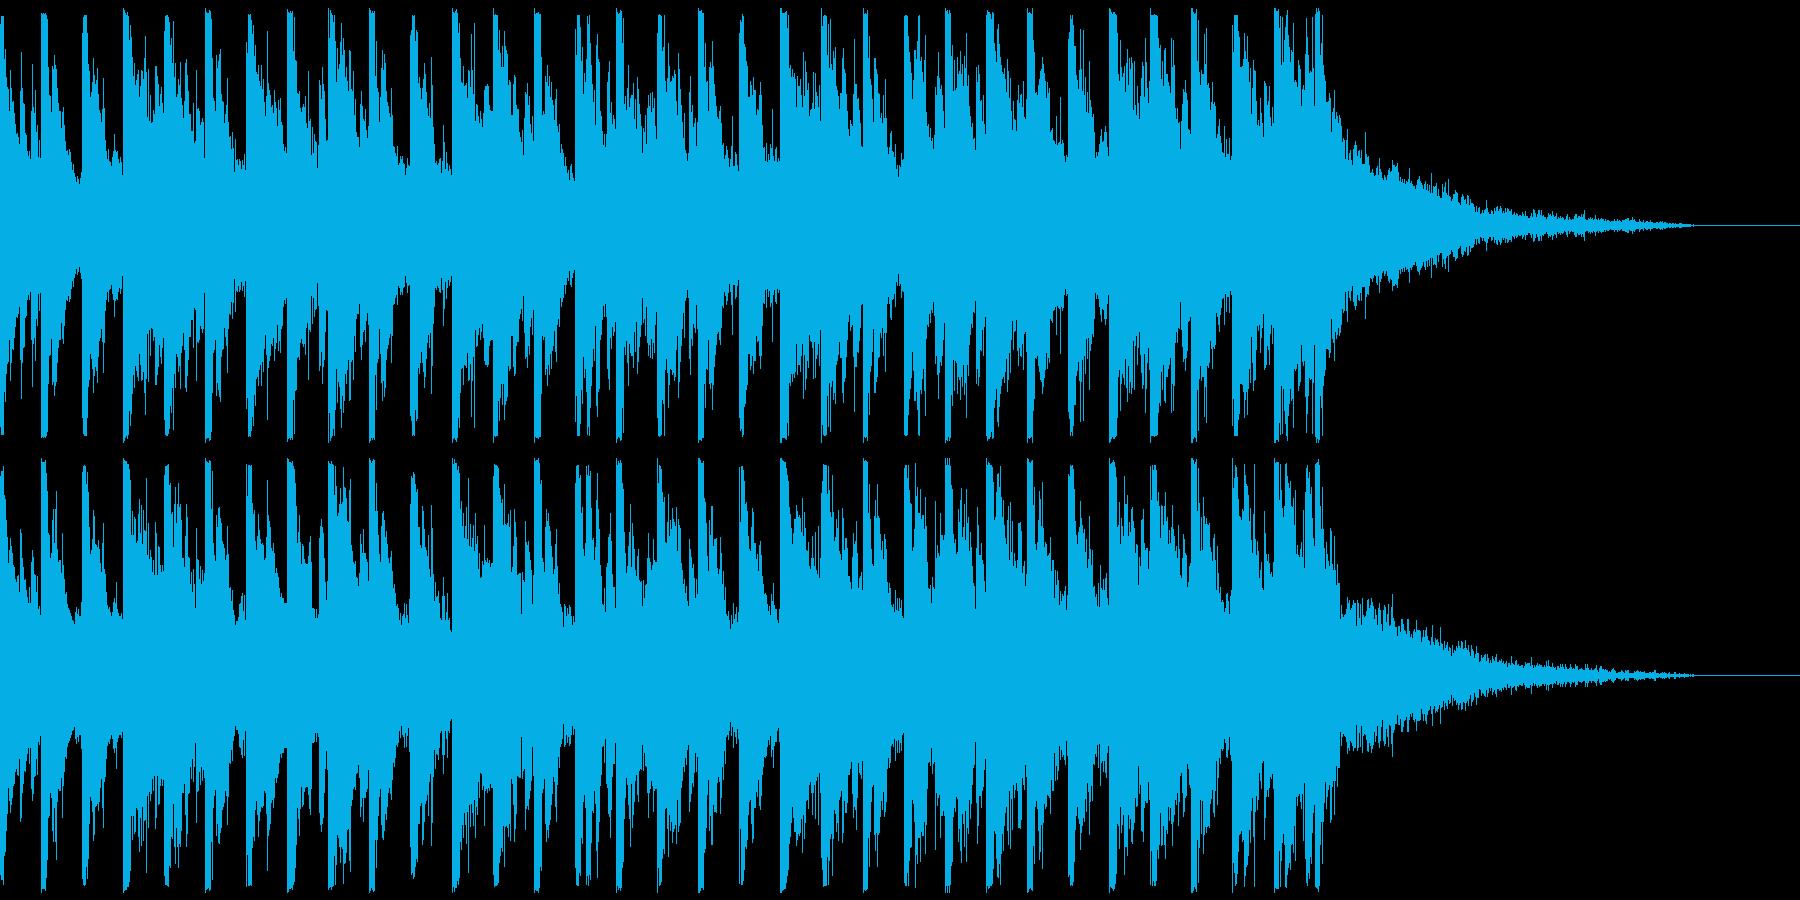 オシャ4つ打ち、スタイリッシュ雰囲気系4の再生済みの波形